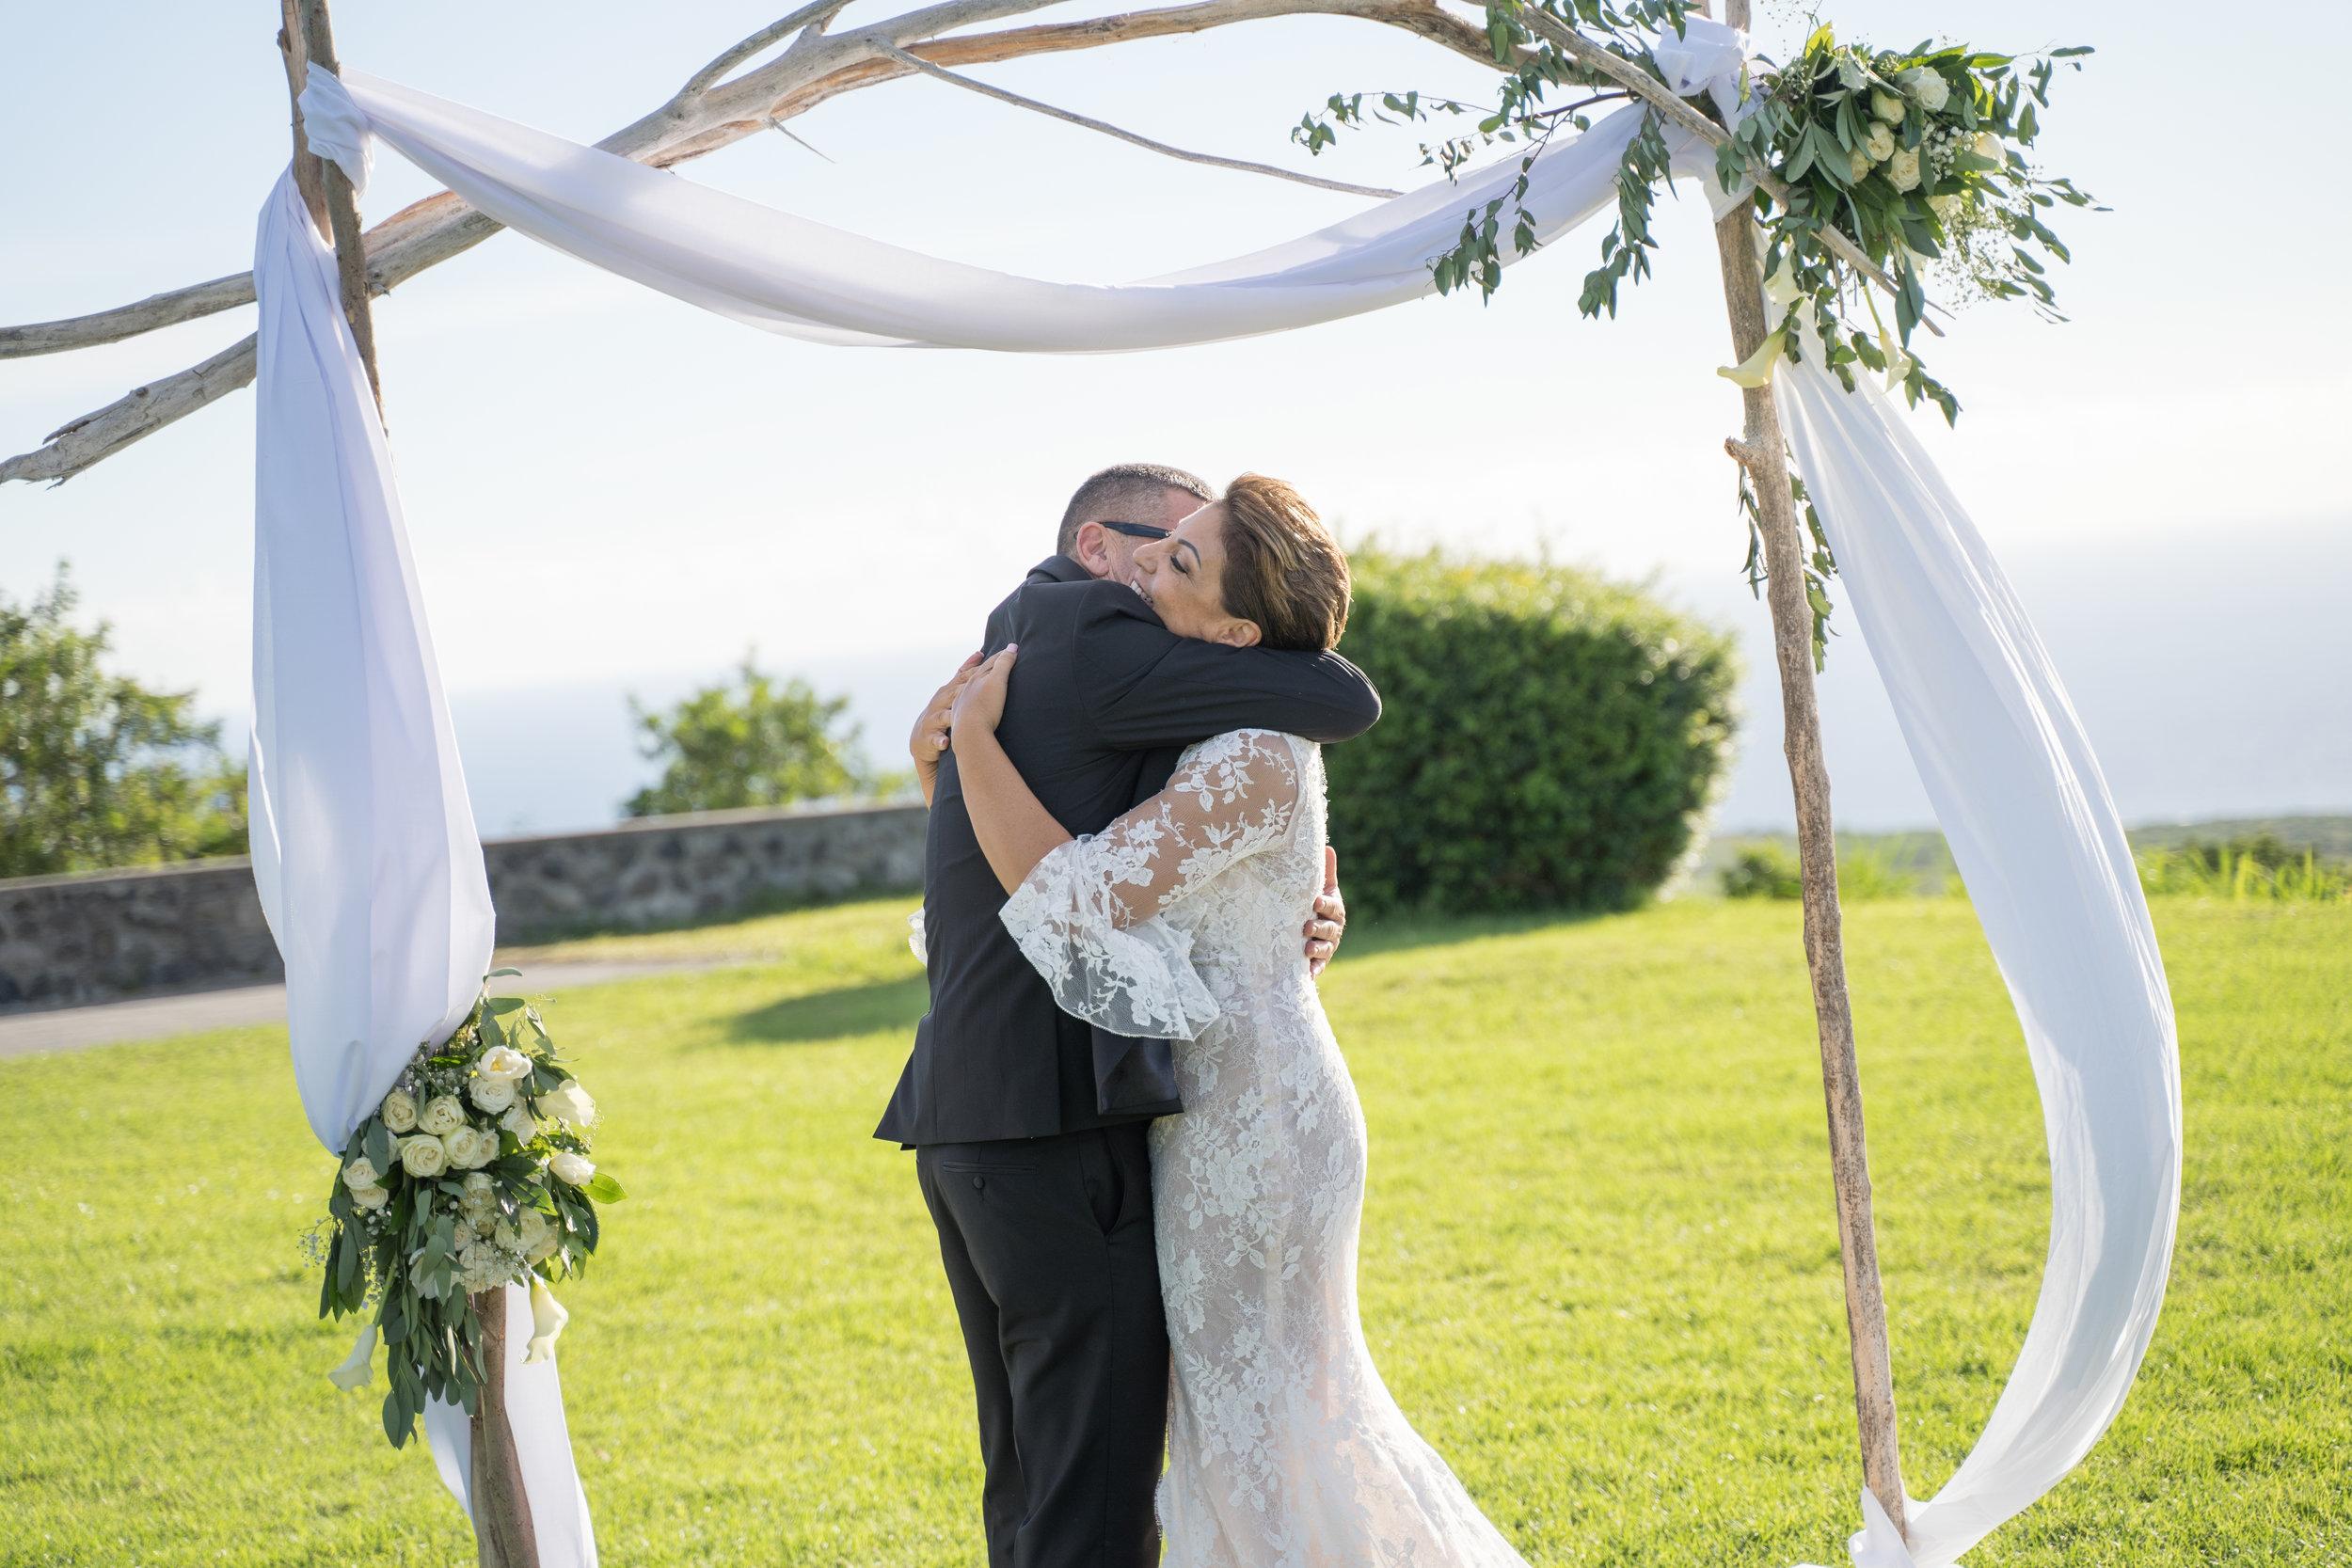 MRevenement organisation de mariage à la Réunion _ Mariage de B et JC (4).jpg